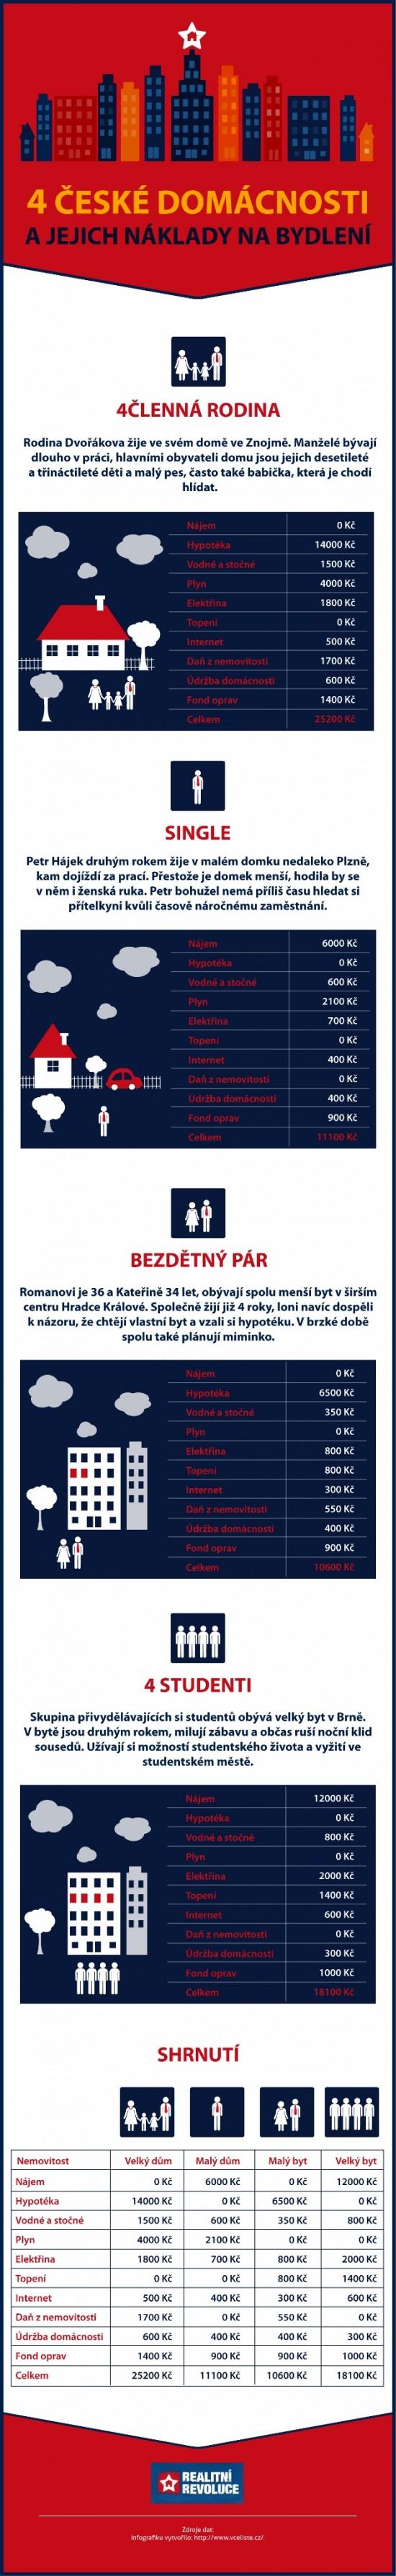 Infografika - 4 české domácnosti